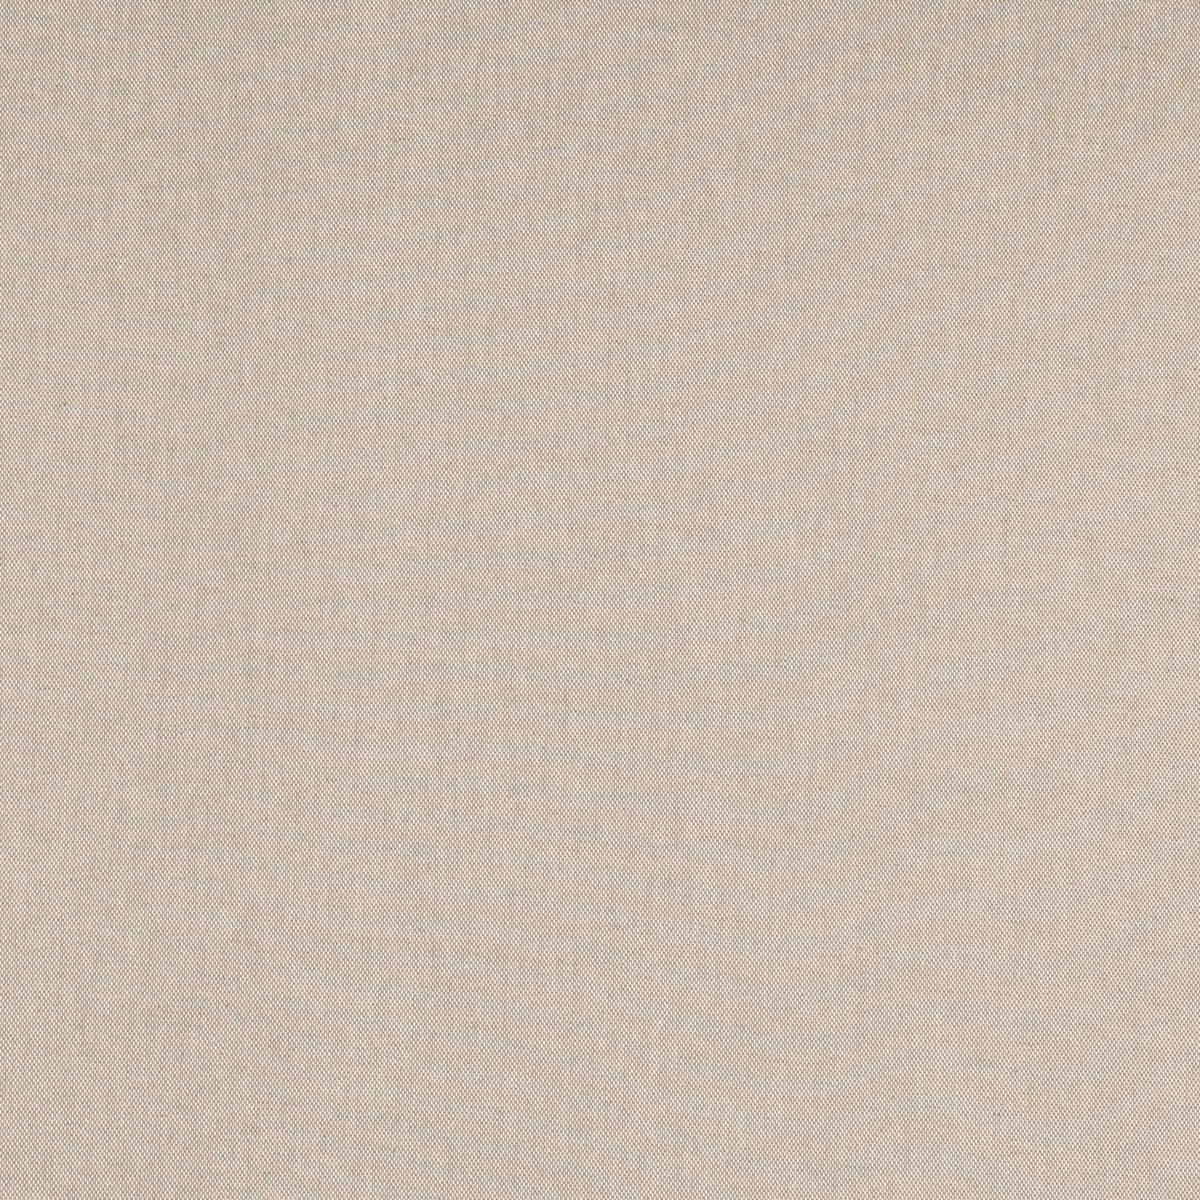 Dekostoff Dobby Panama Leinenlook meliert uni natur 1,40m Breite